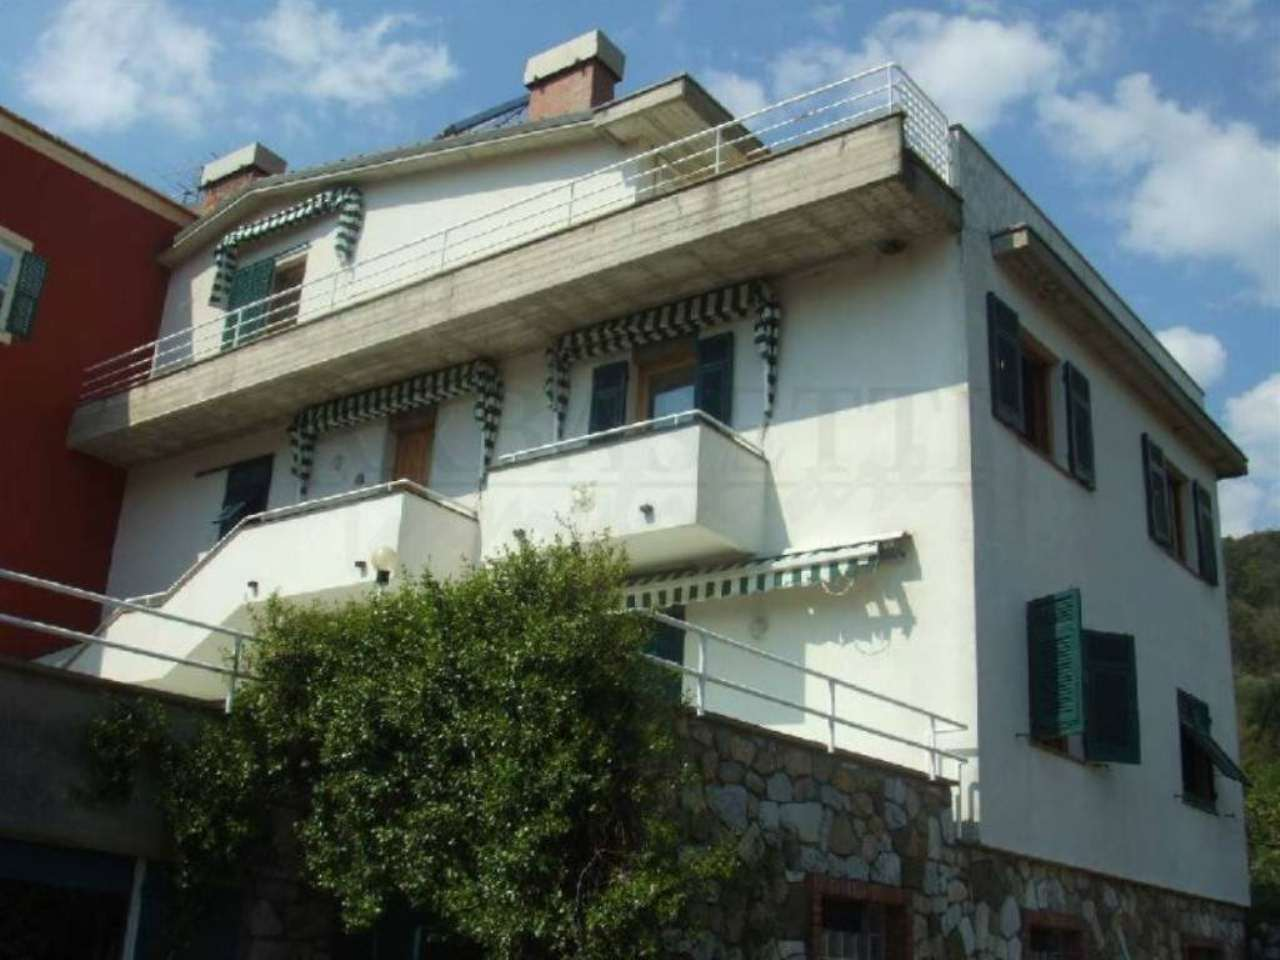 Soluzione Indipendente in vendita a Castiglione Chiavarese, 12 locali, prezzo € 350.000 | Cambio Casa.it